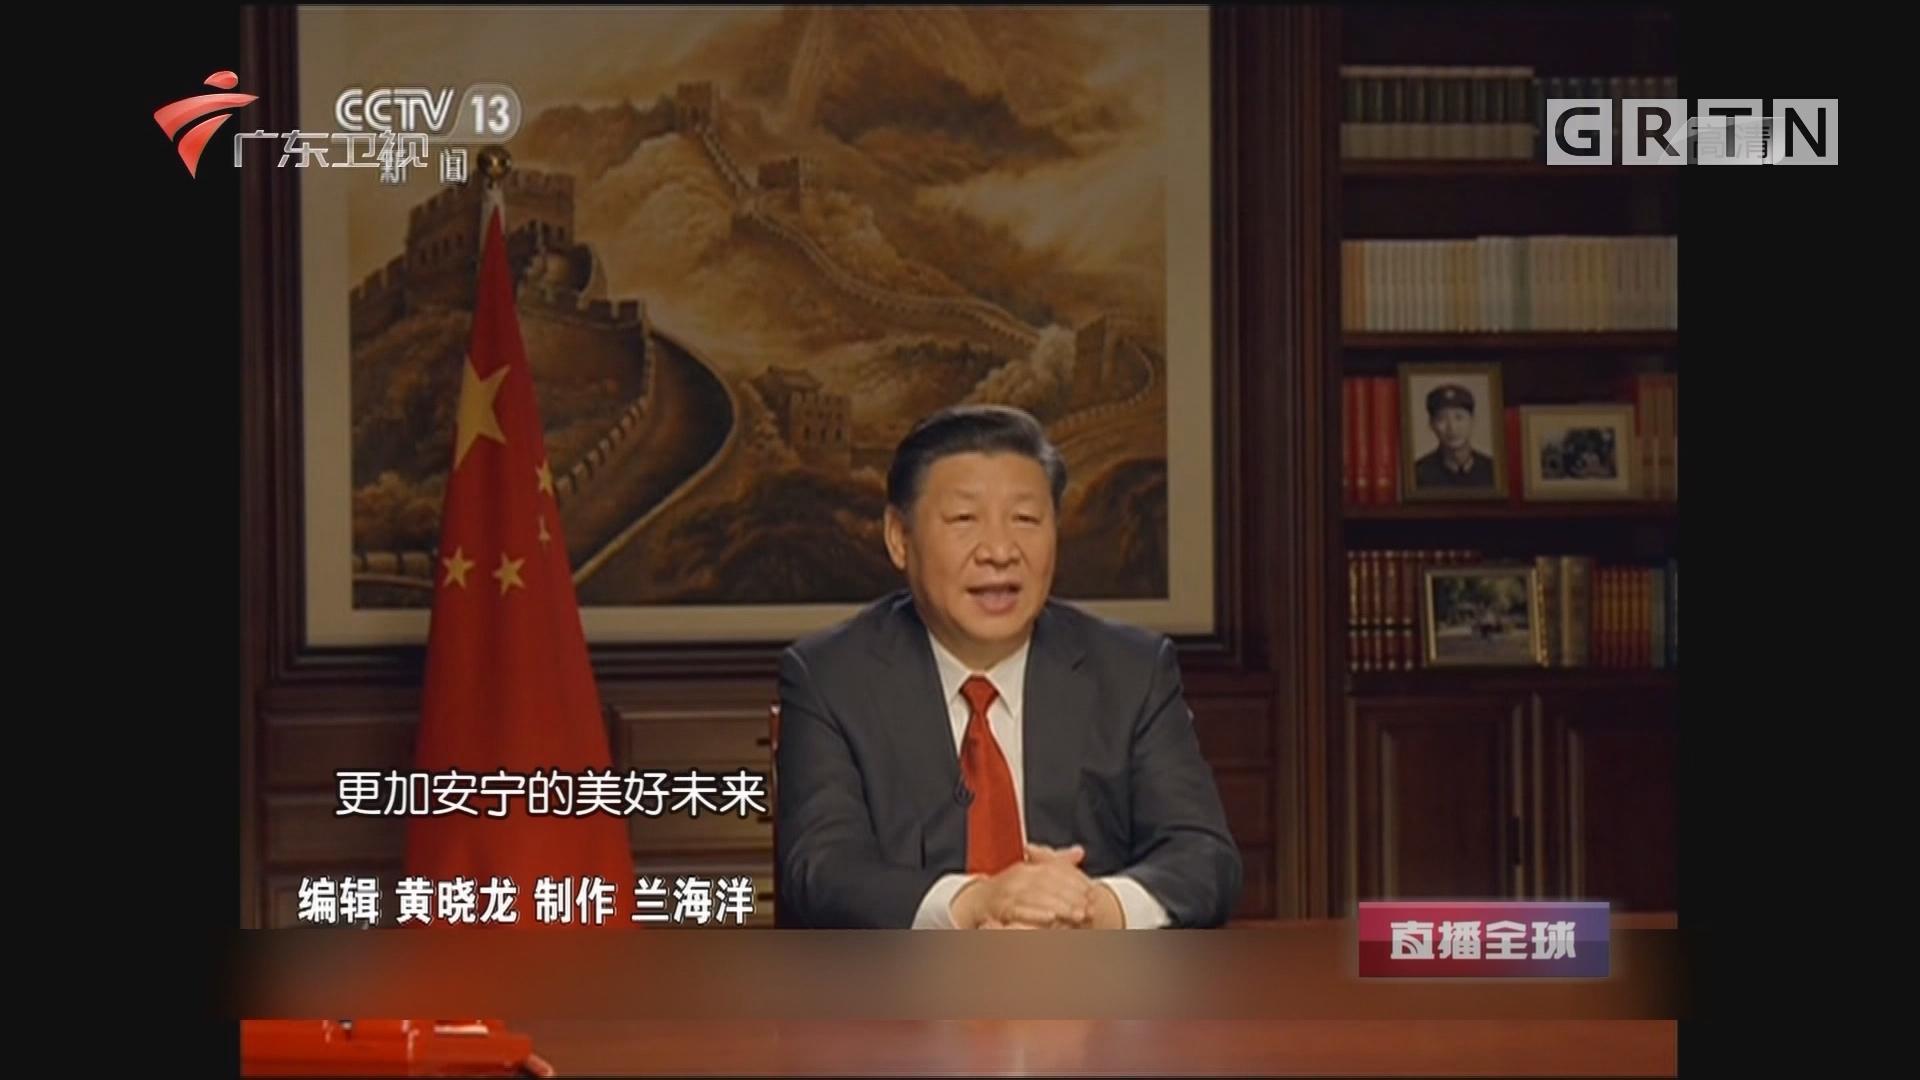 习近平新年贺词中的外交关键词 引领全球化方向:中国方案时代强音